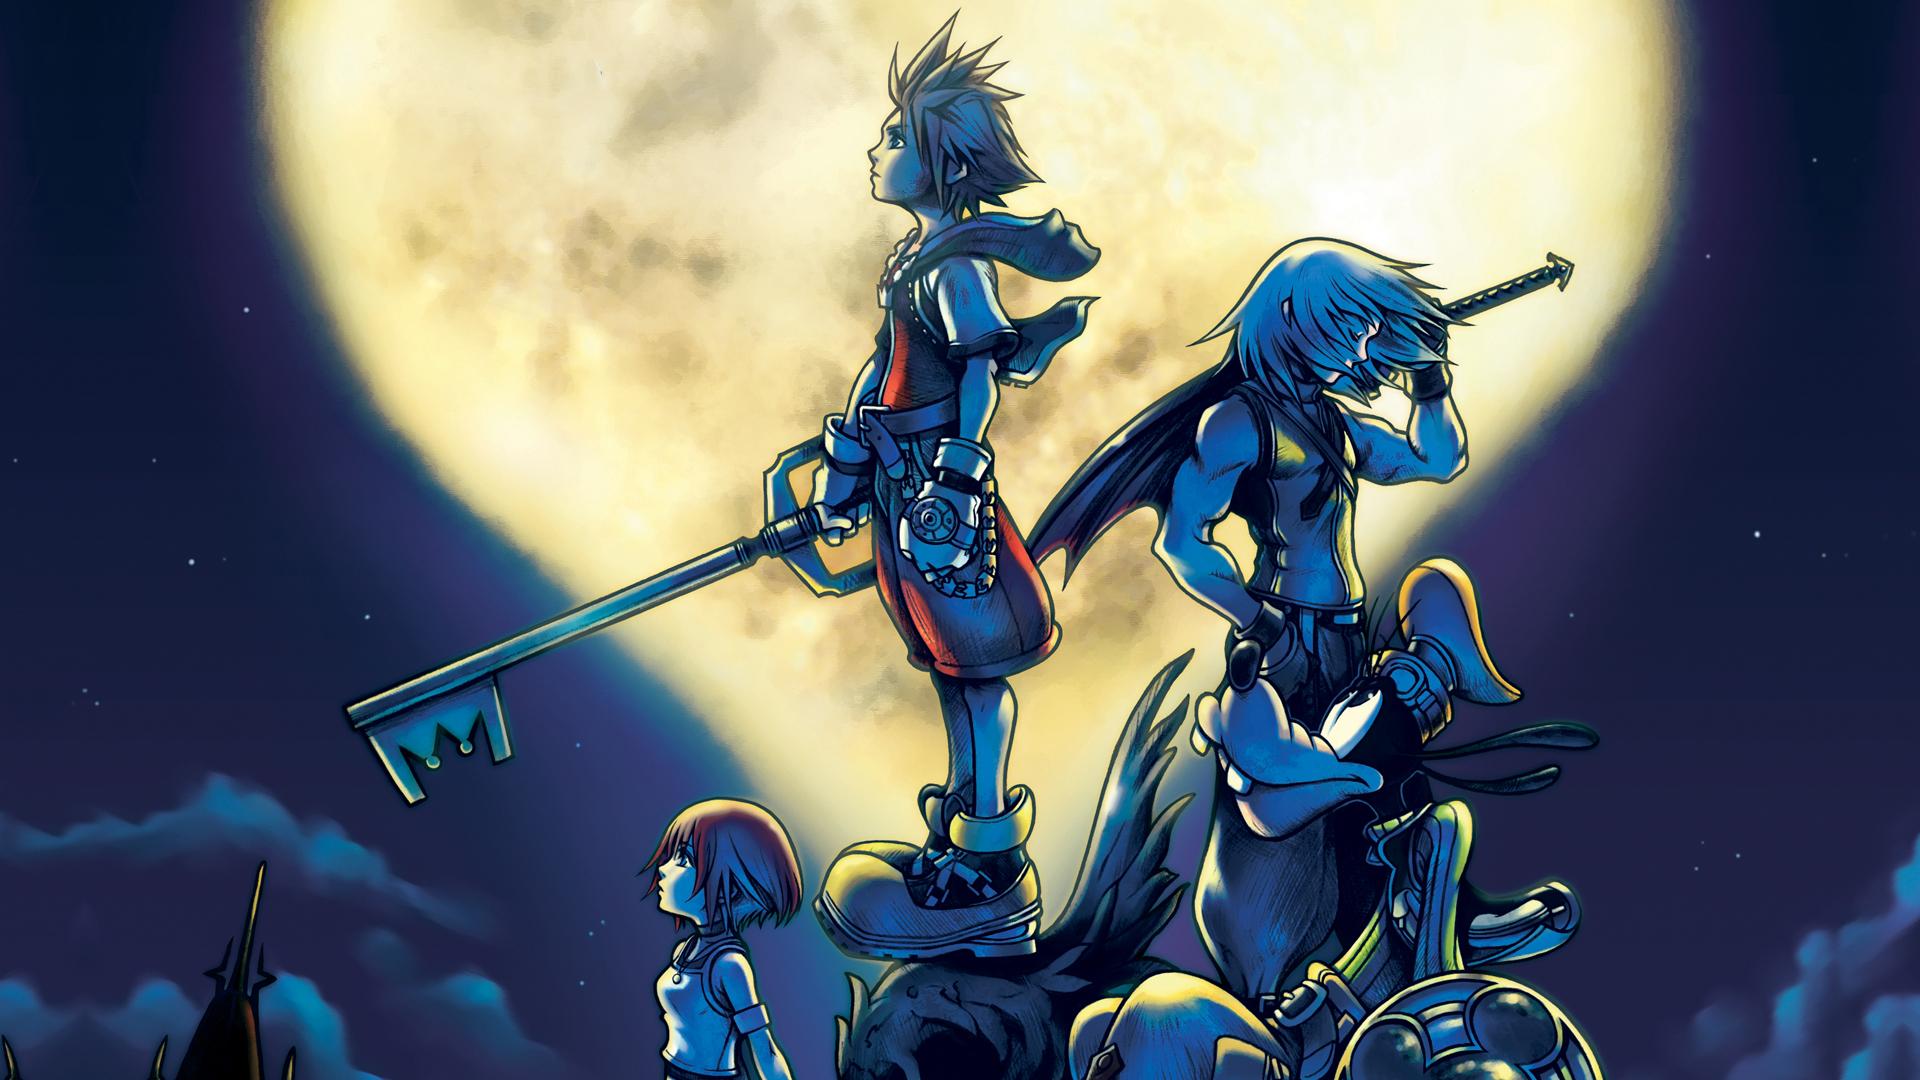 hd wallpaper Kingdom Hearts Wallpaper HD 1920x1080